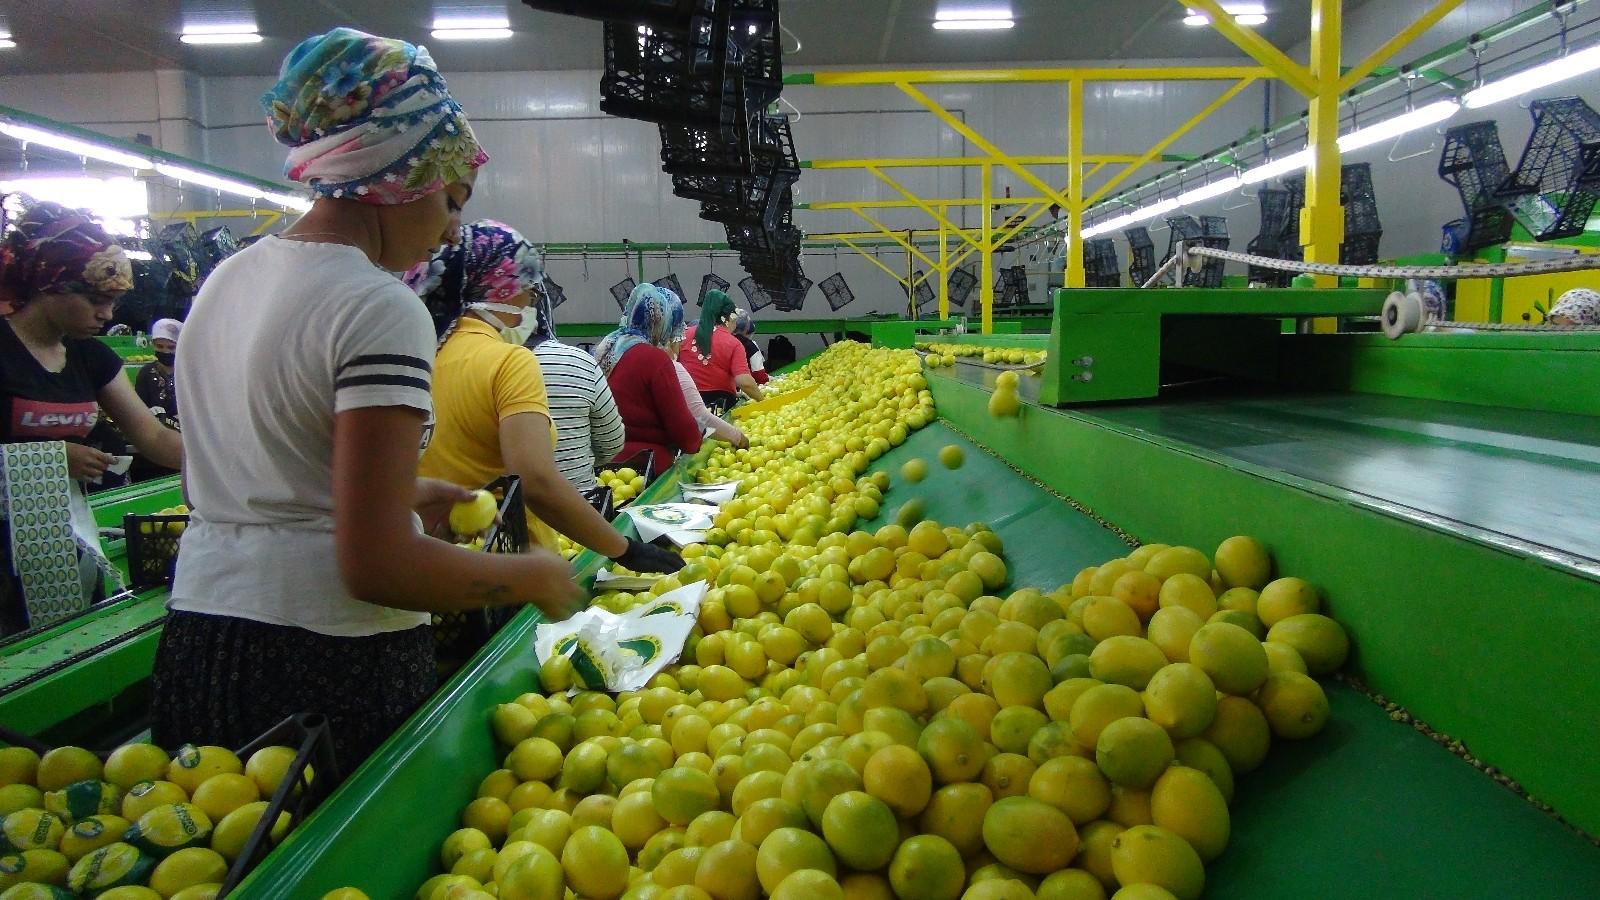 balkan ulkelerine limon ihracati basladi